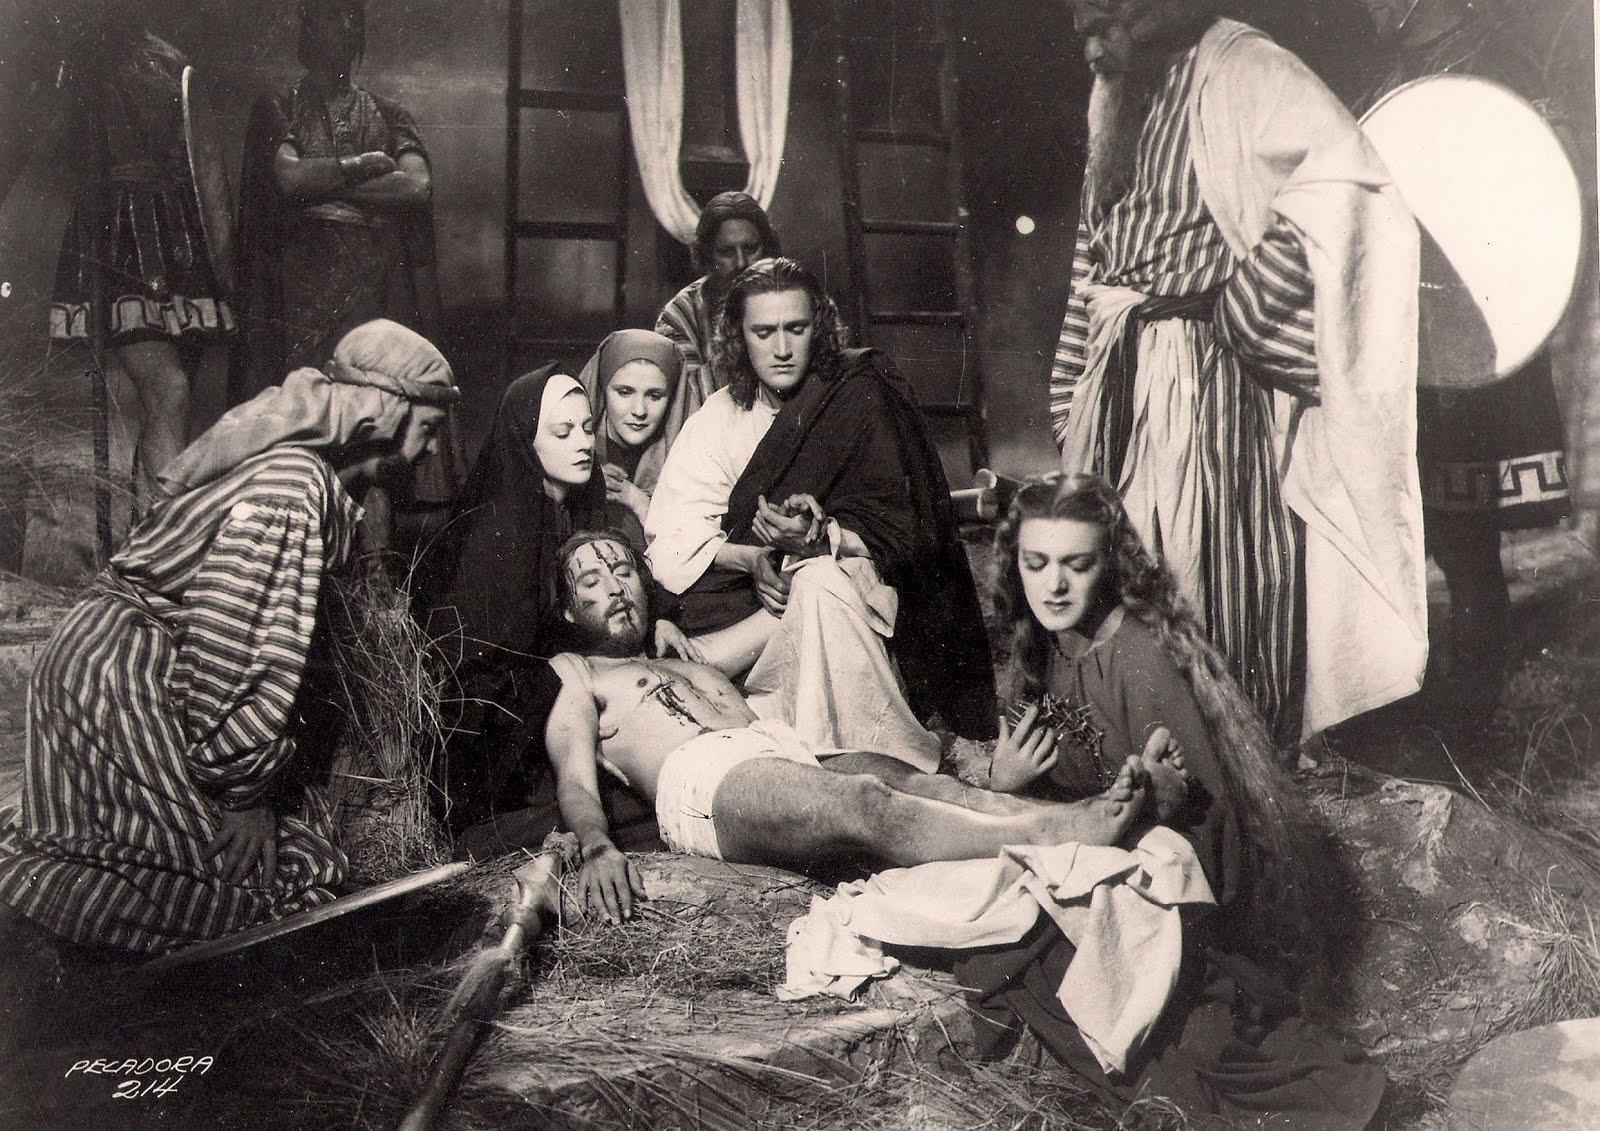 Luana Alcañiz, Luis Alcoriza, Rafael Banquells, Lidia Franco, José Elías Moreno, and Medea de Novara in María Magdalena, pecadora de Magdala (1946)